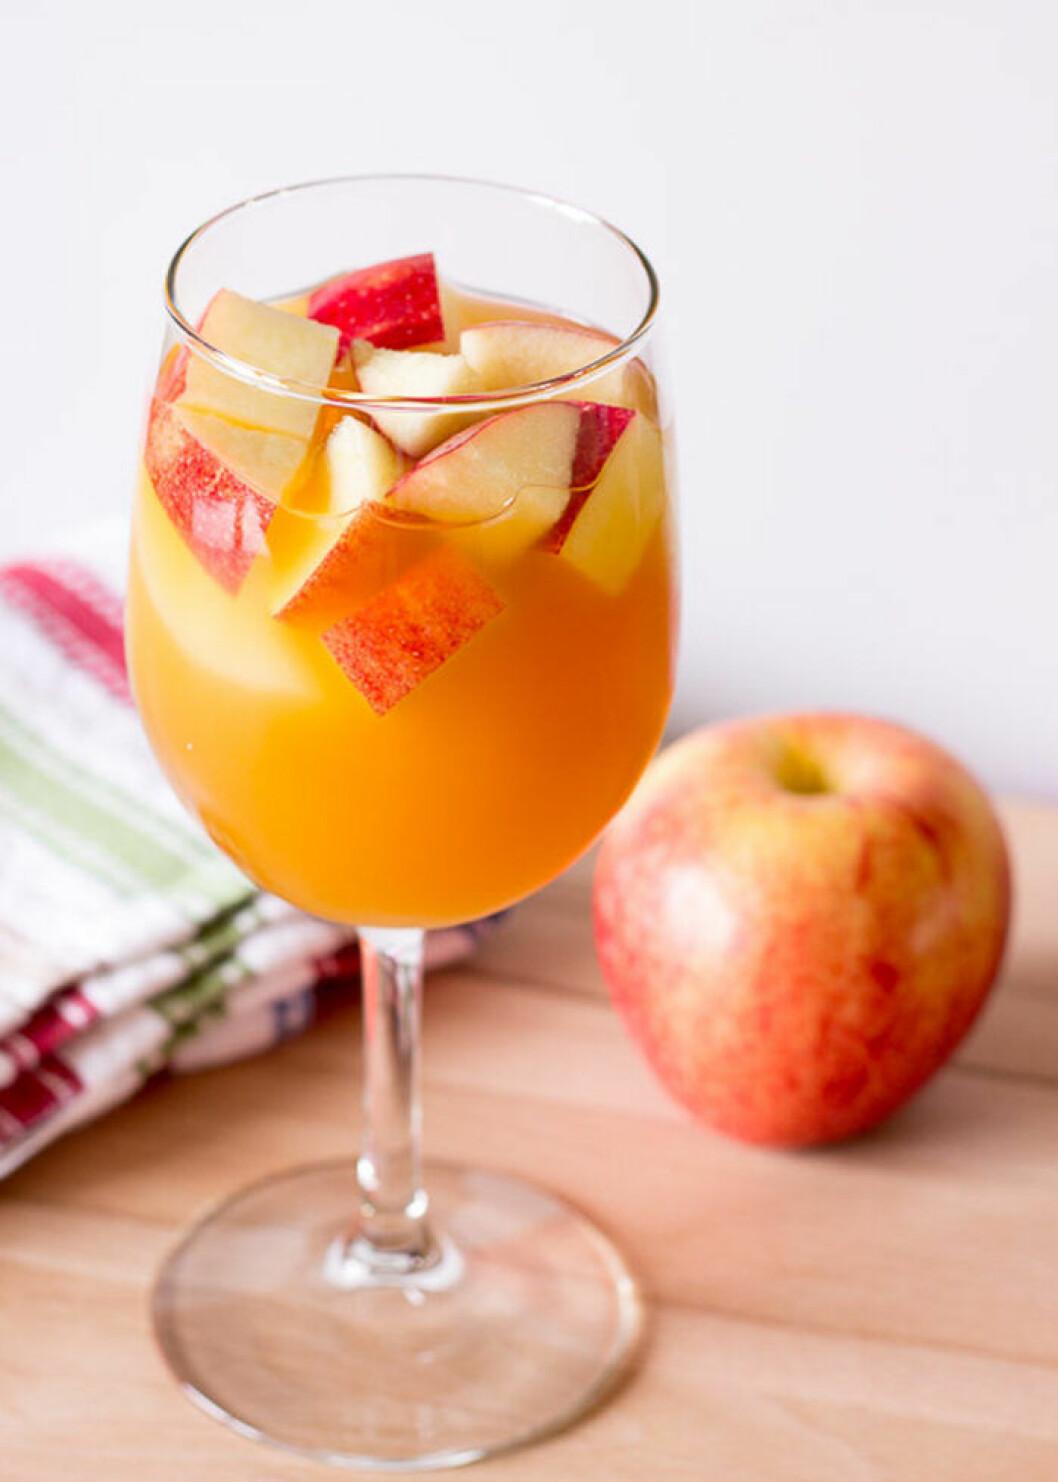 Sangria med smak av äpple och kola.